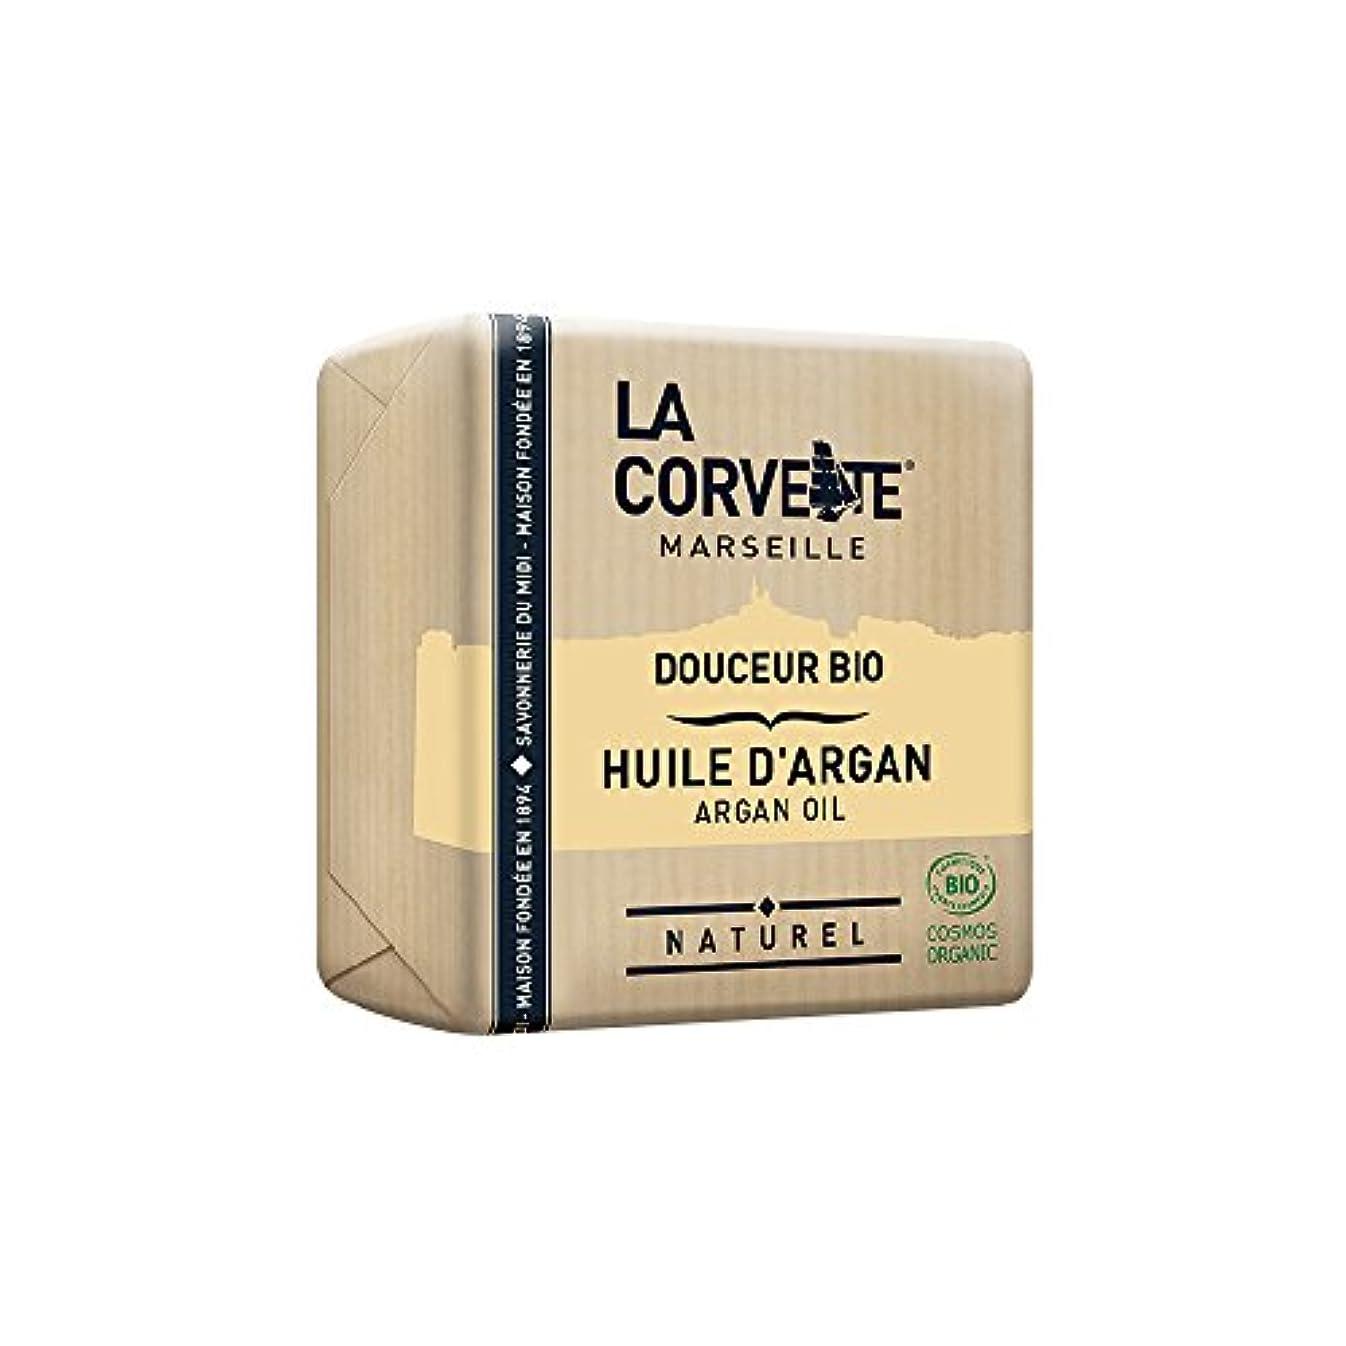 食料品店高揚した店主La Corvette(ラ?コルベット) サボン?ドゥスール?ビオ アルガンオイル 100g